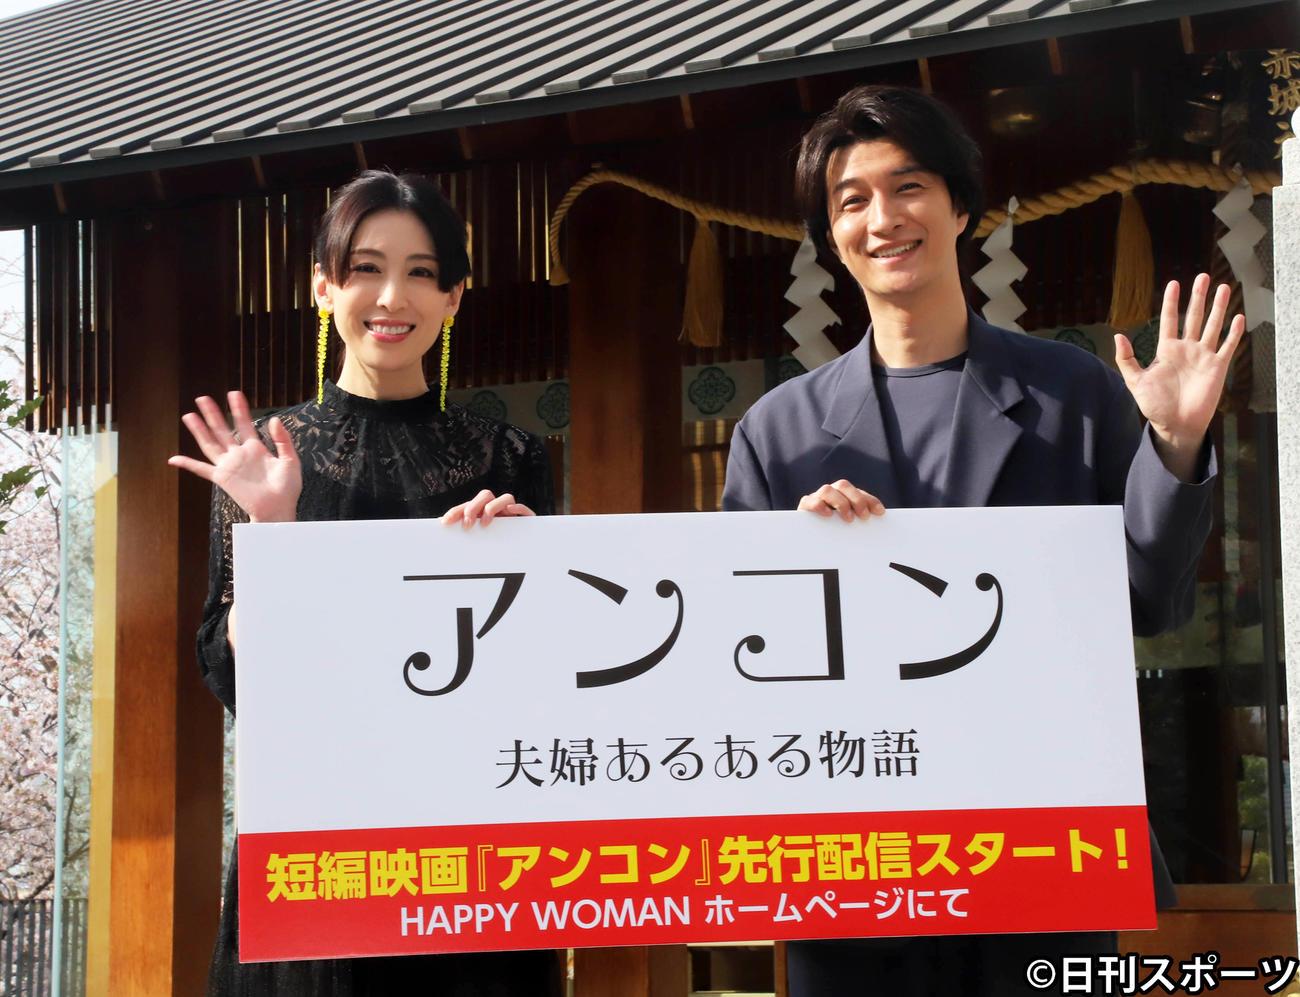 映画「アンコン~夫婦あるある物語~」に夫婦で主演した雛形あきこ(左)と天野浩成